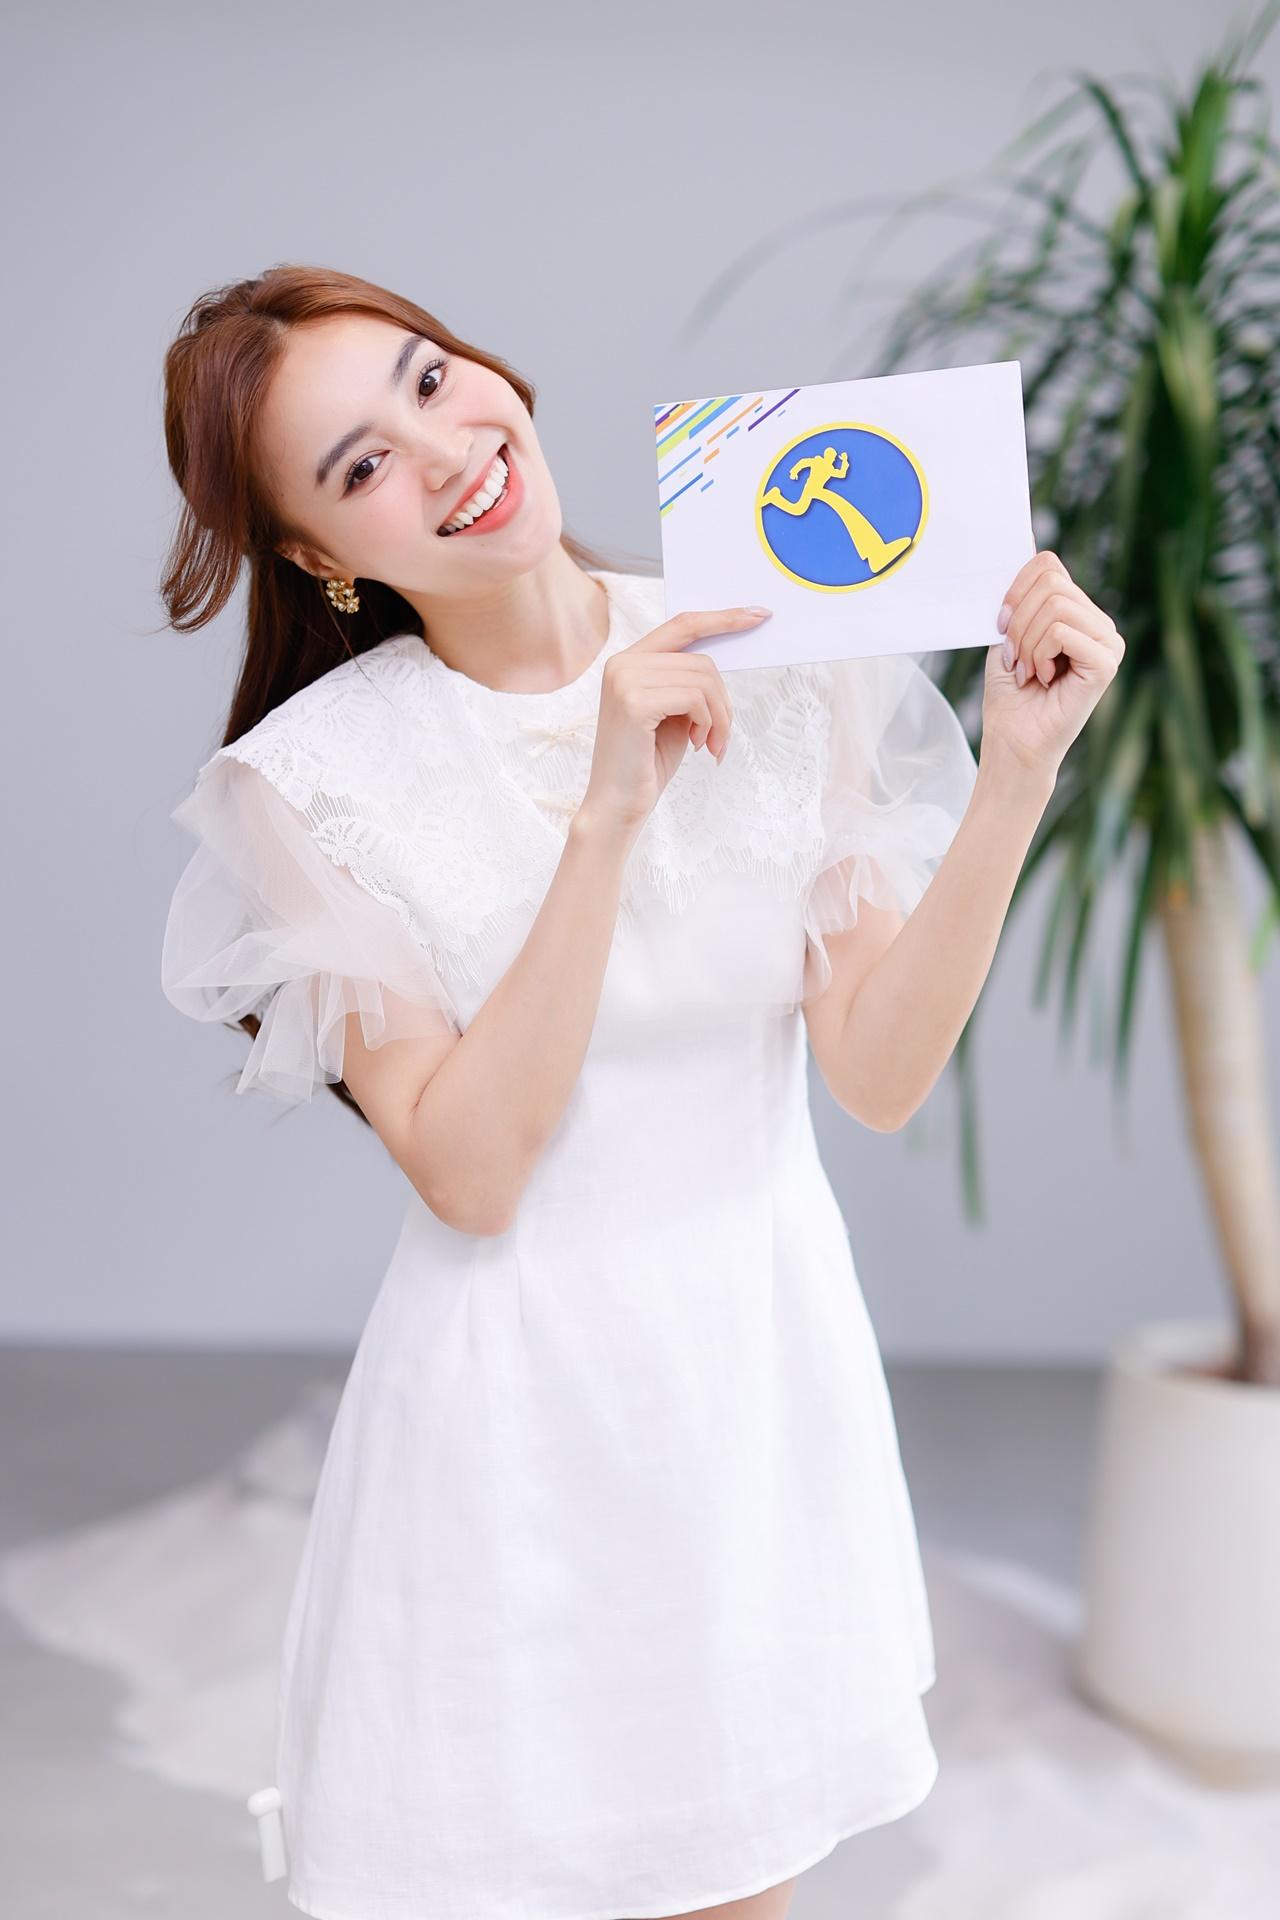 Karik quyết không giữ hình tượng, Lan Ngọc tiếp tục trở thành nữ hoàng cơ hội tại Running Man Vietnam mùa 2